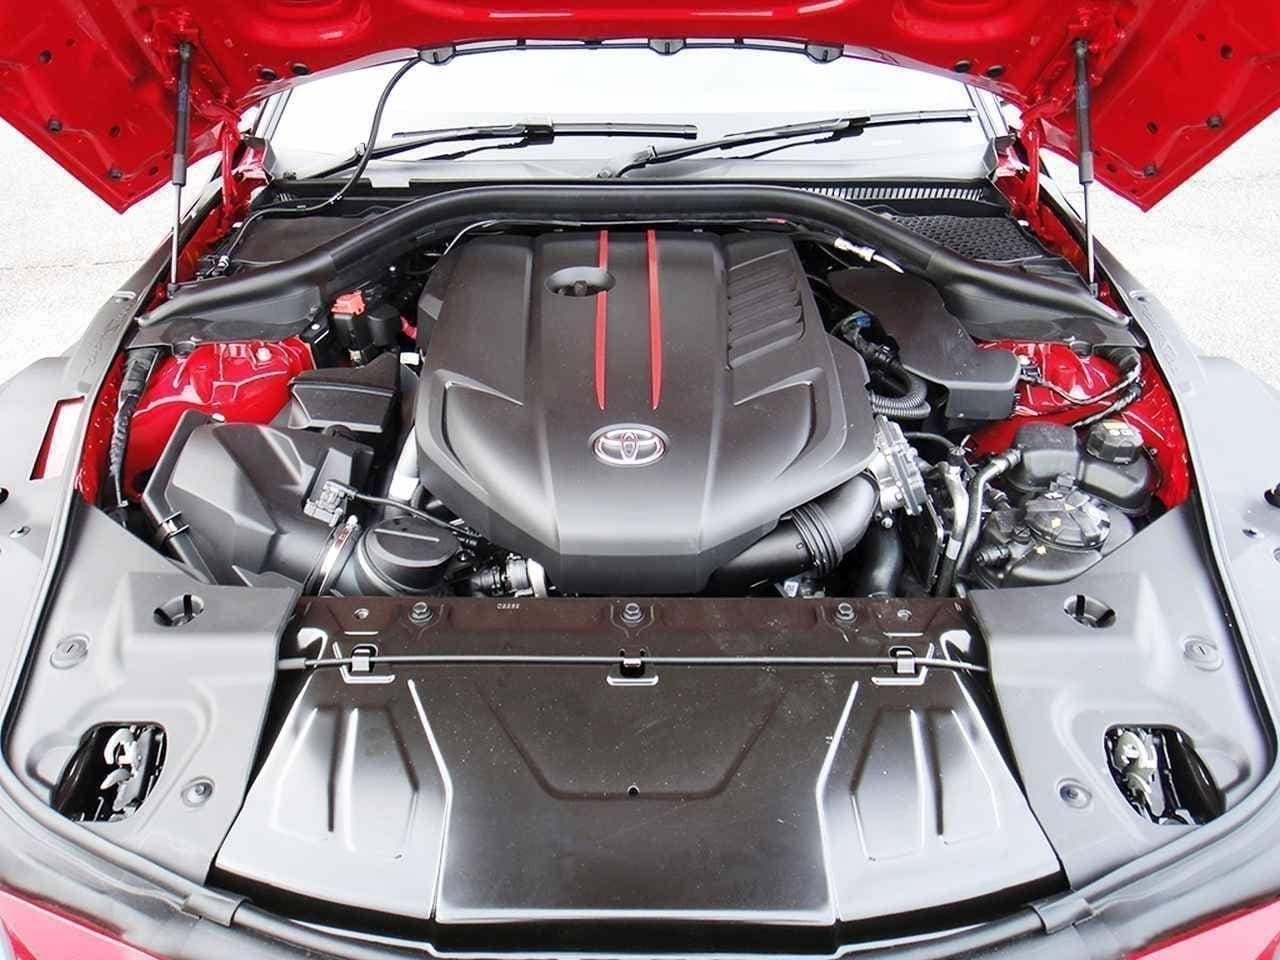 トヨタ新型スープラRZグレードで箱根をチョイ乗りできるサービス